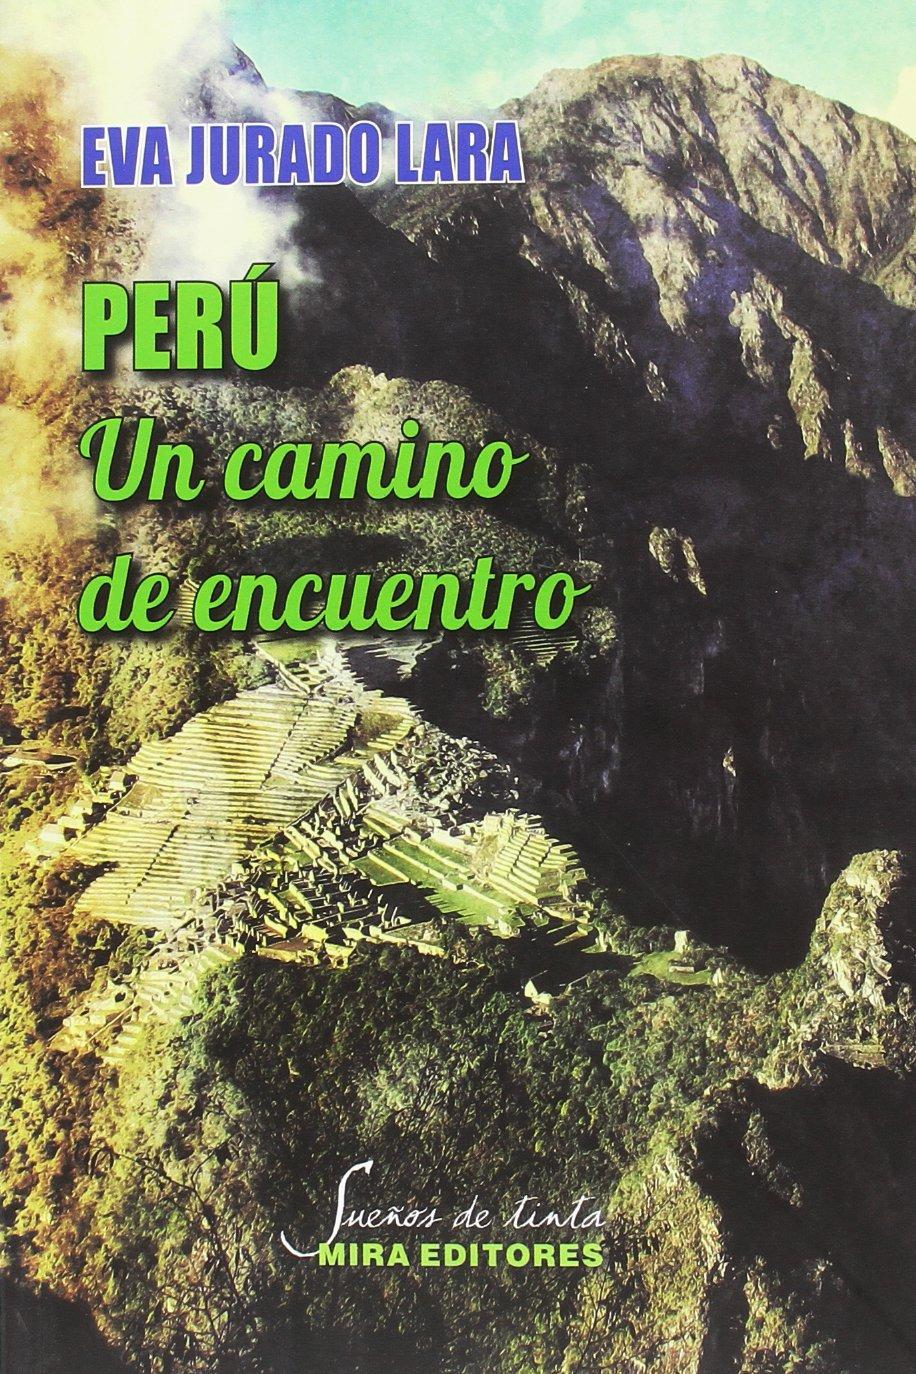 Perú: un camino de encuentro